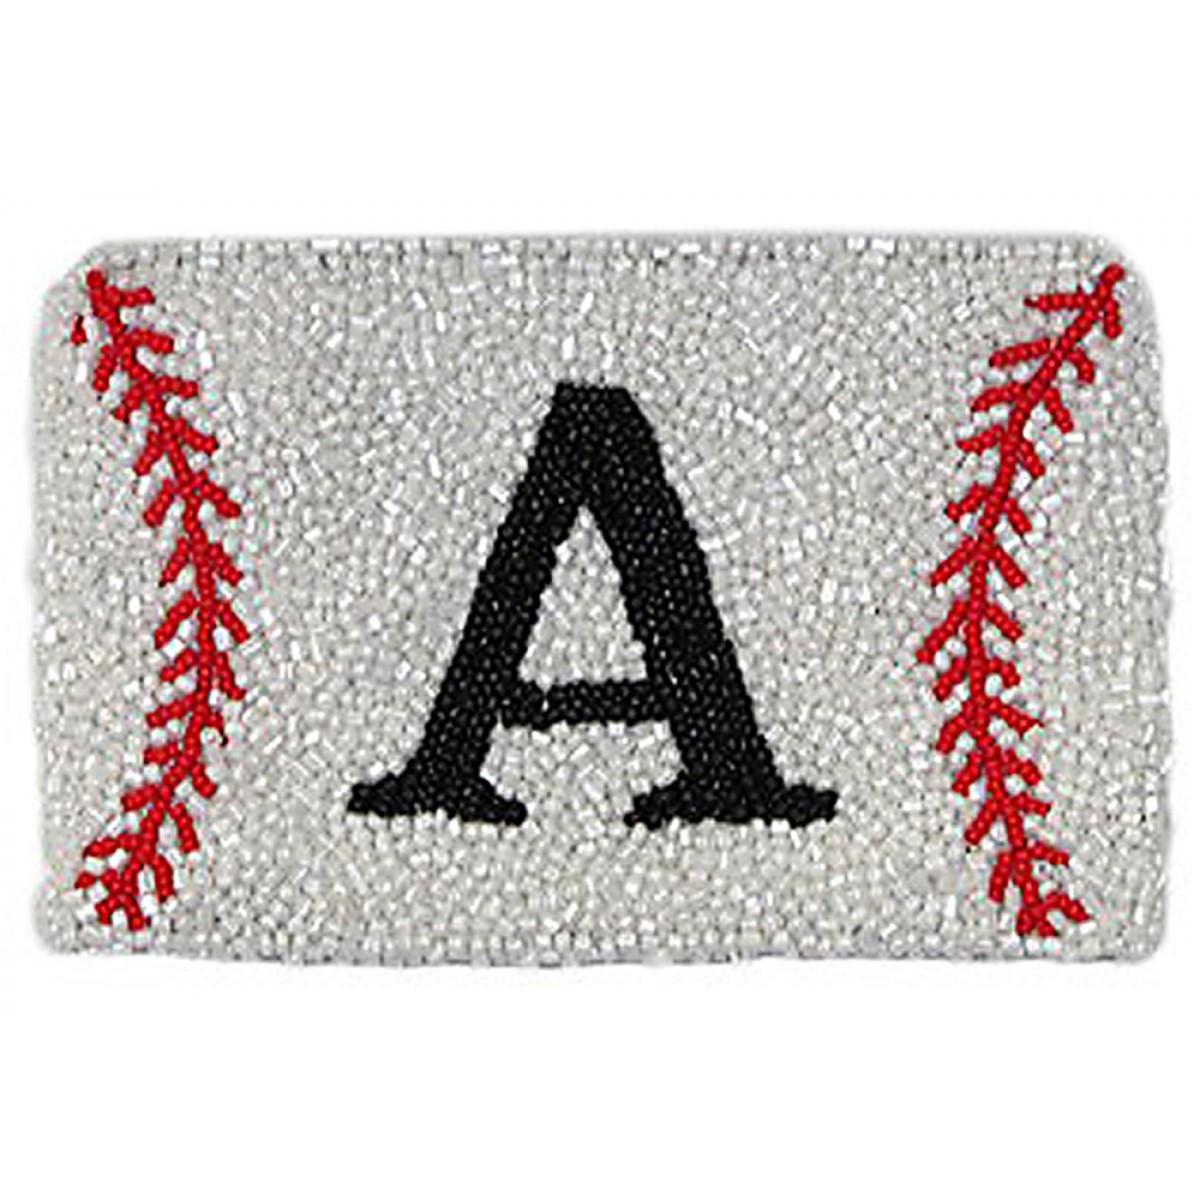 Monogram Baseball Coin Purse